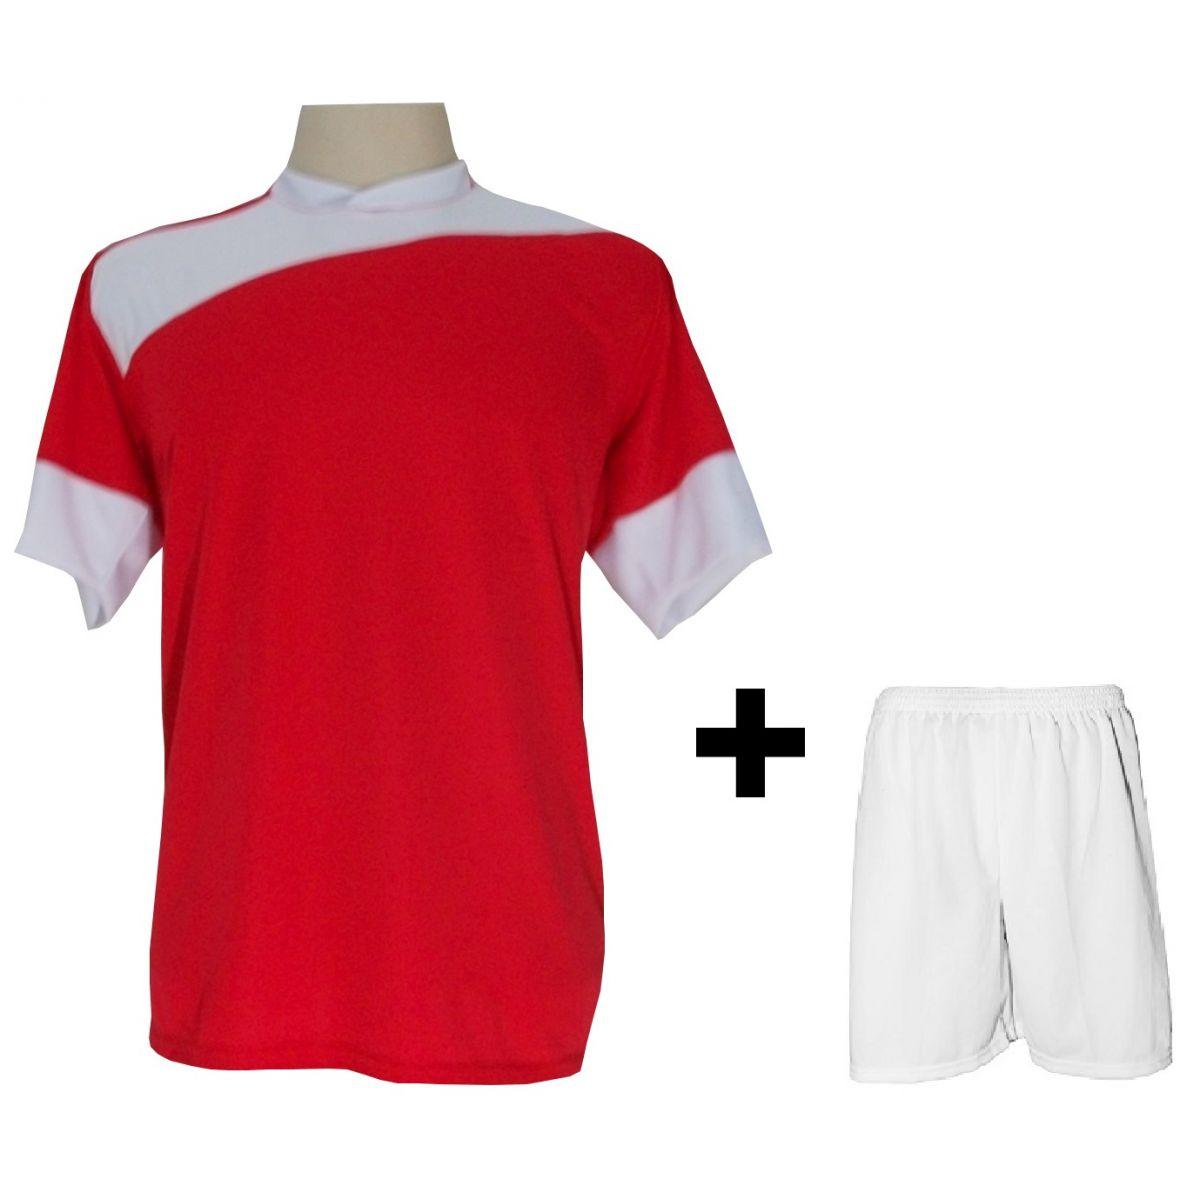 Uniforme Esportivo com 14 camisas modelo Sporting Vermelho/Branco + 14 calções modelo Madrid + 1 Goleiro + Brindes